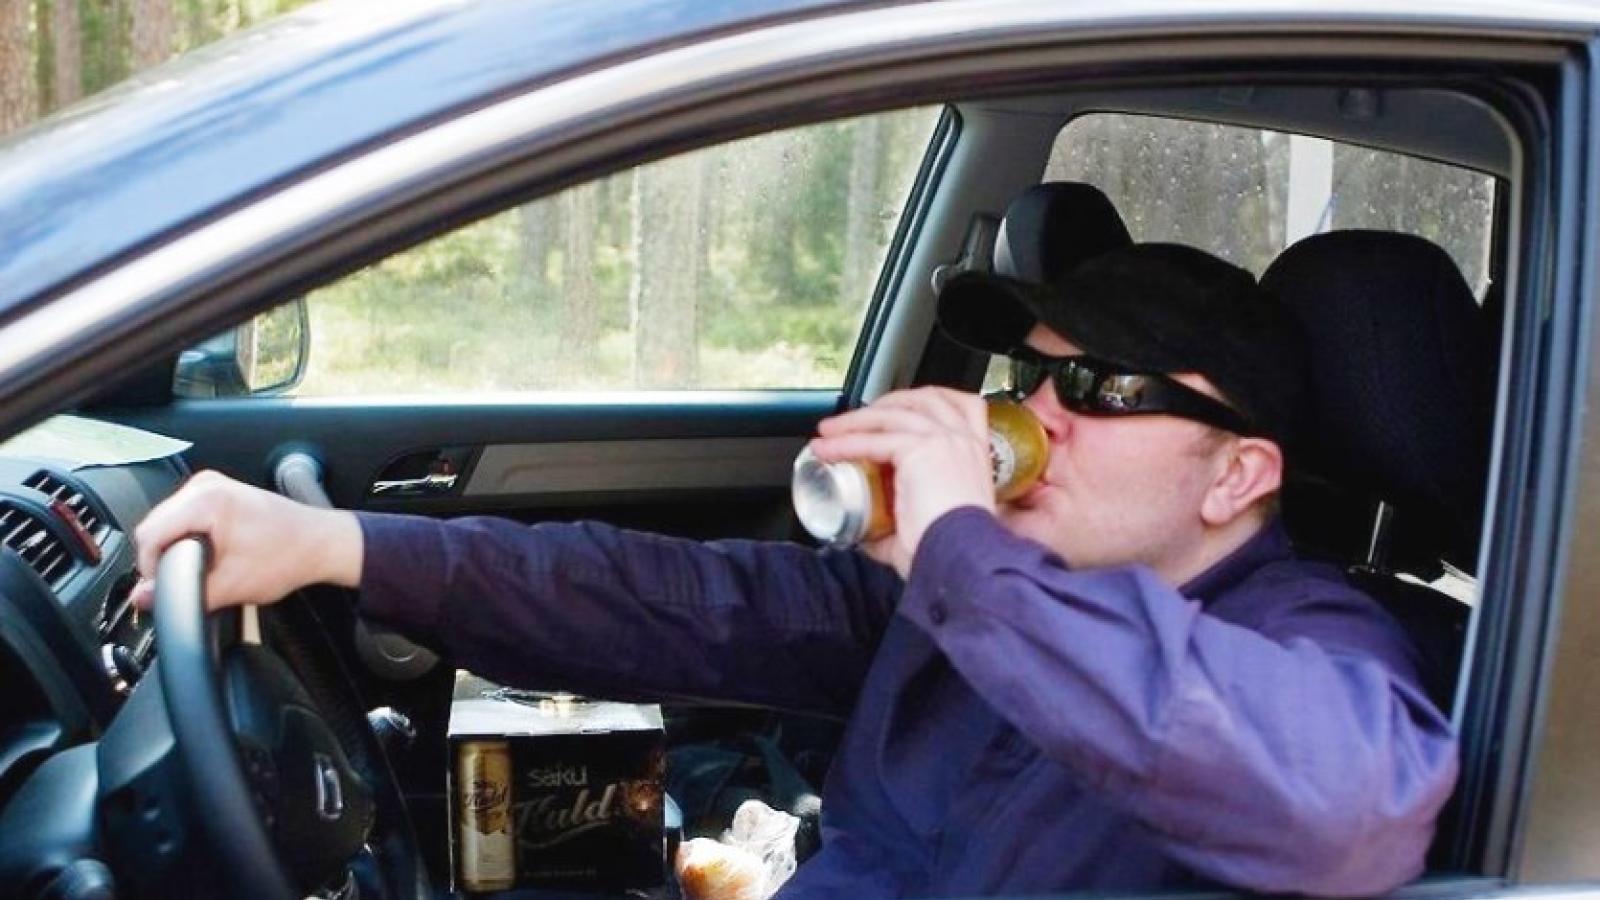 За пьяное вождение оштрафуют на огромную сумму